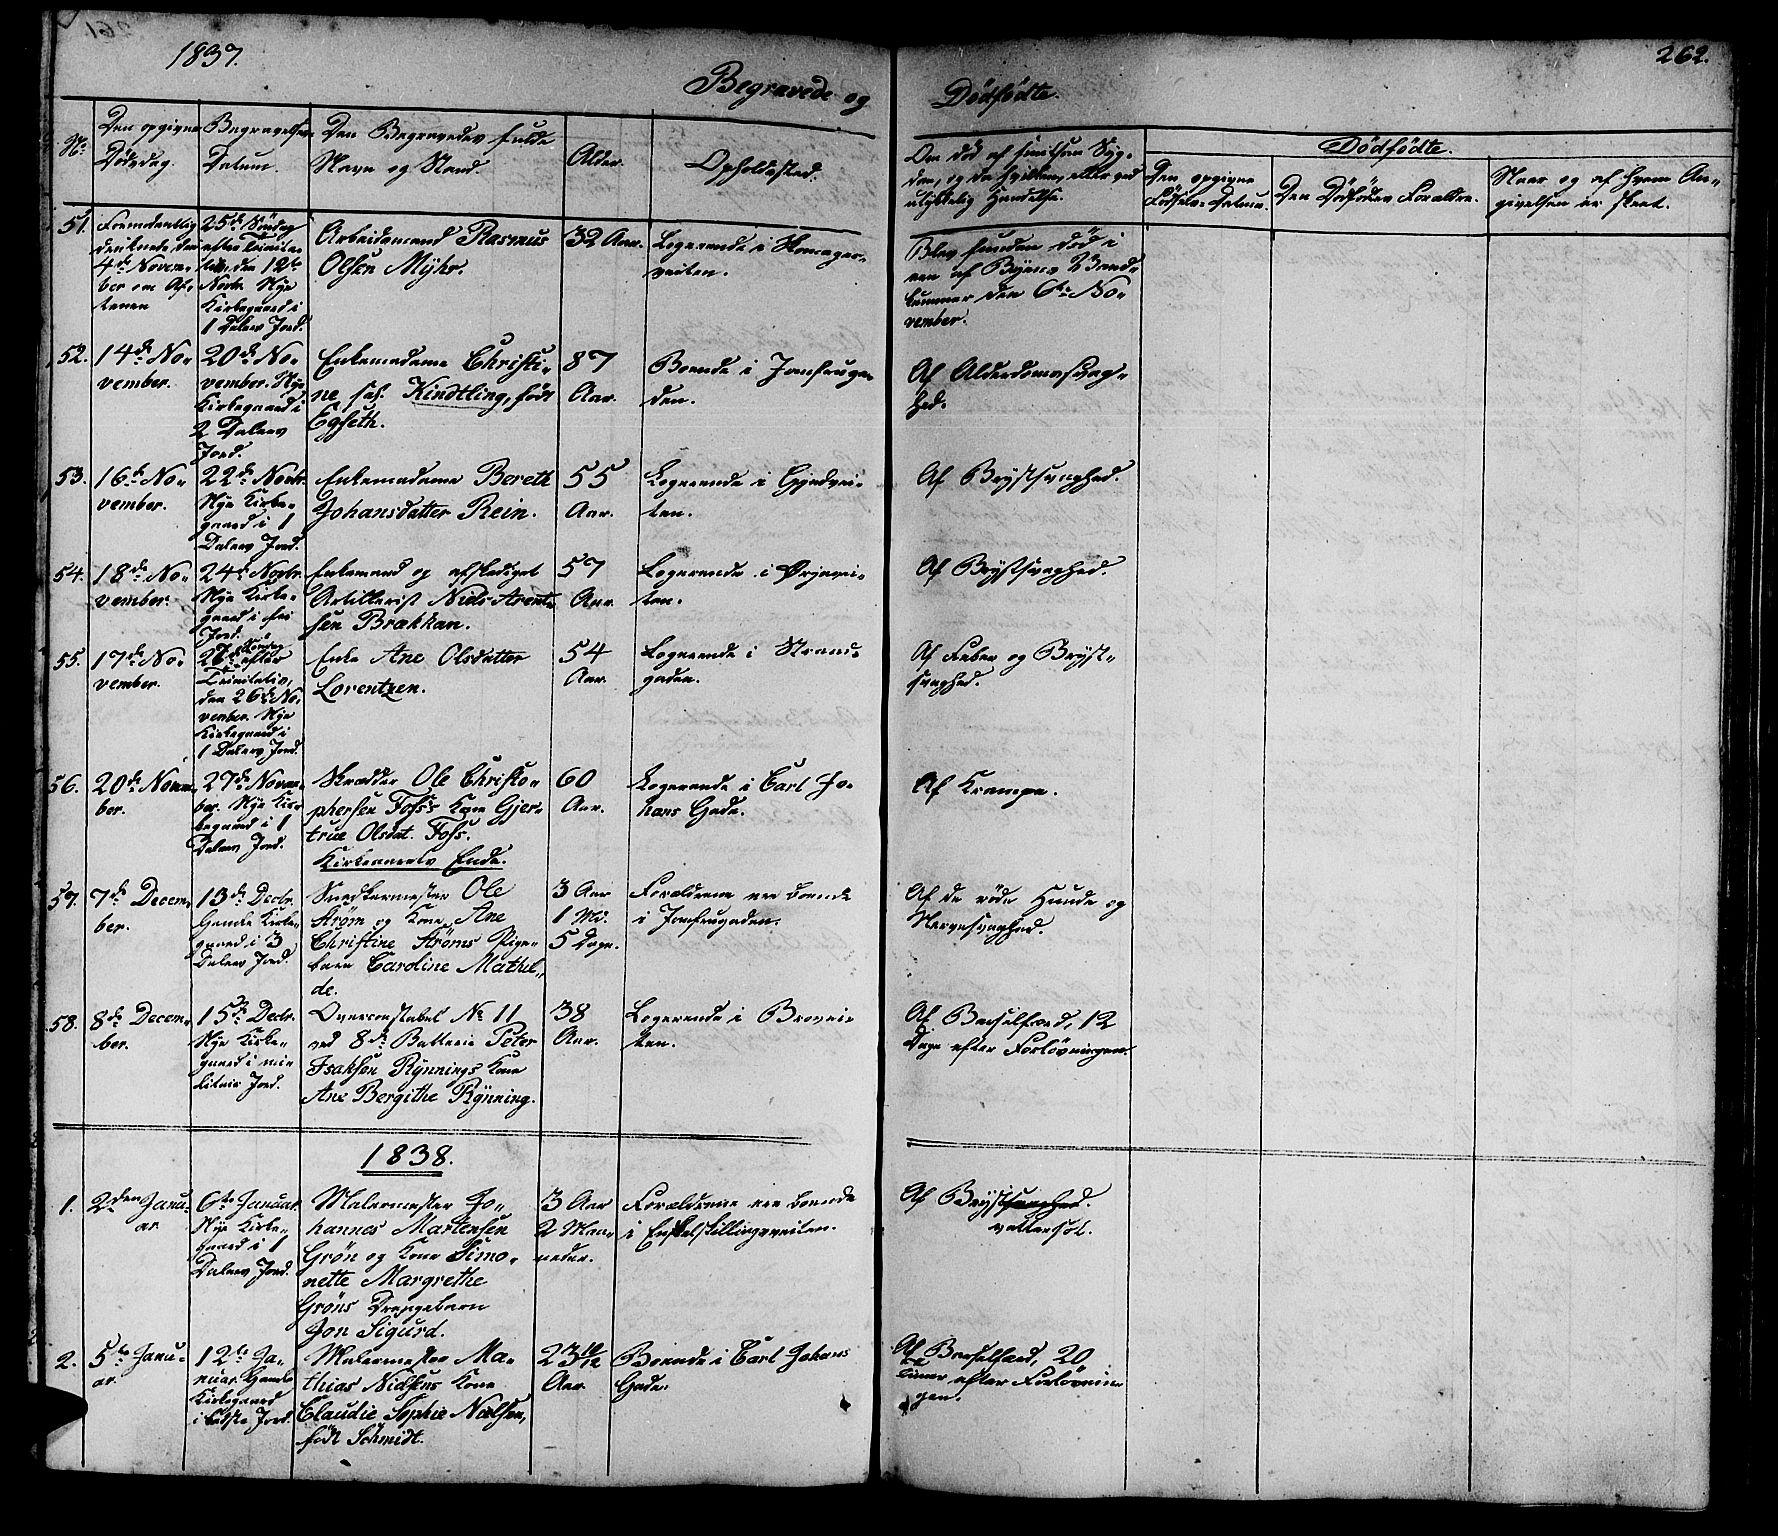 SAT, Ministerialprotokoller, klokkerbøker og fødselsregistre - Sør-Trøndelag, 602/L0136: Klokkerbok nr. 602C04, 1833-1845, s. 262